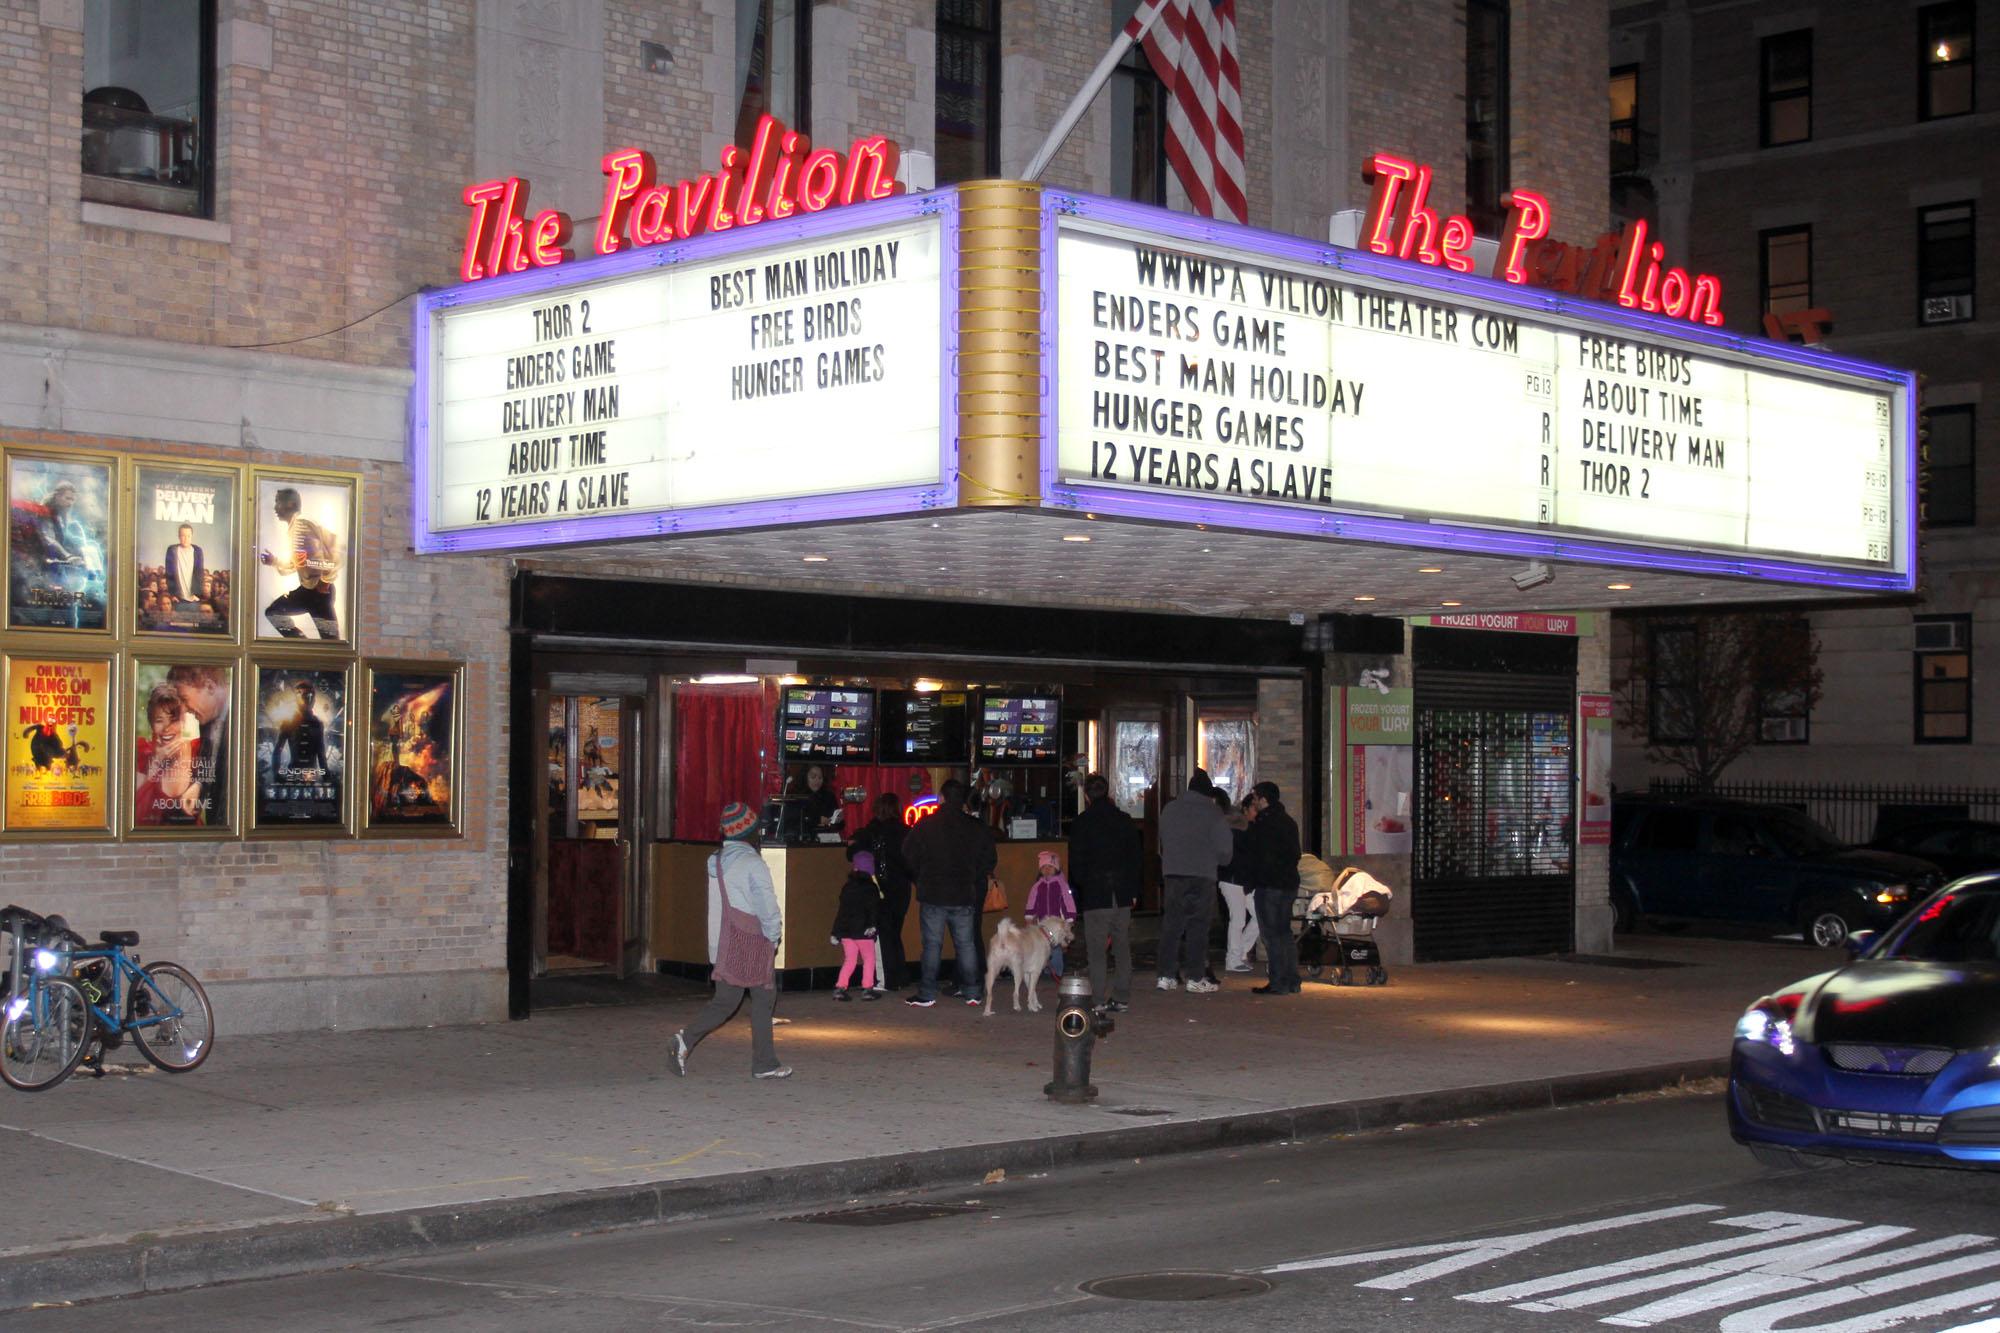 Pavilion movie theatres